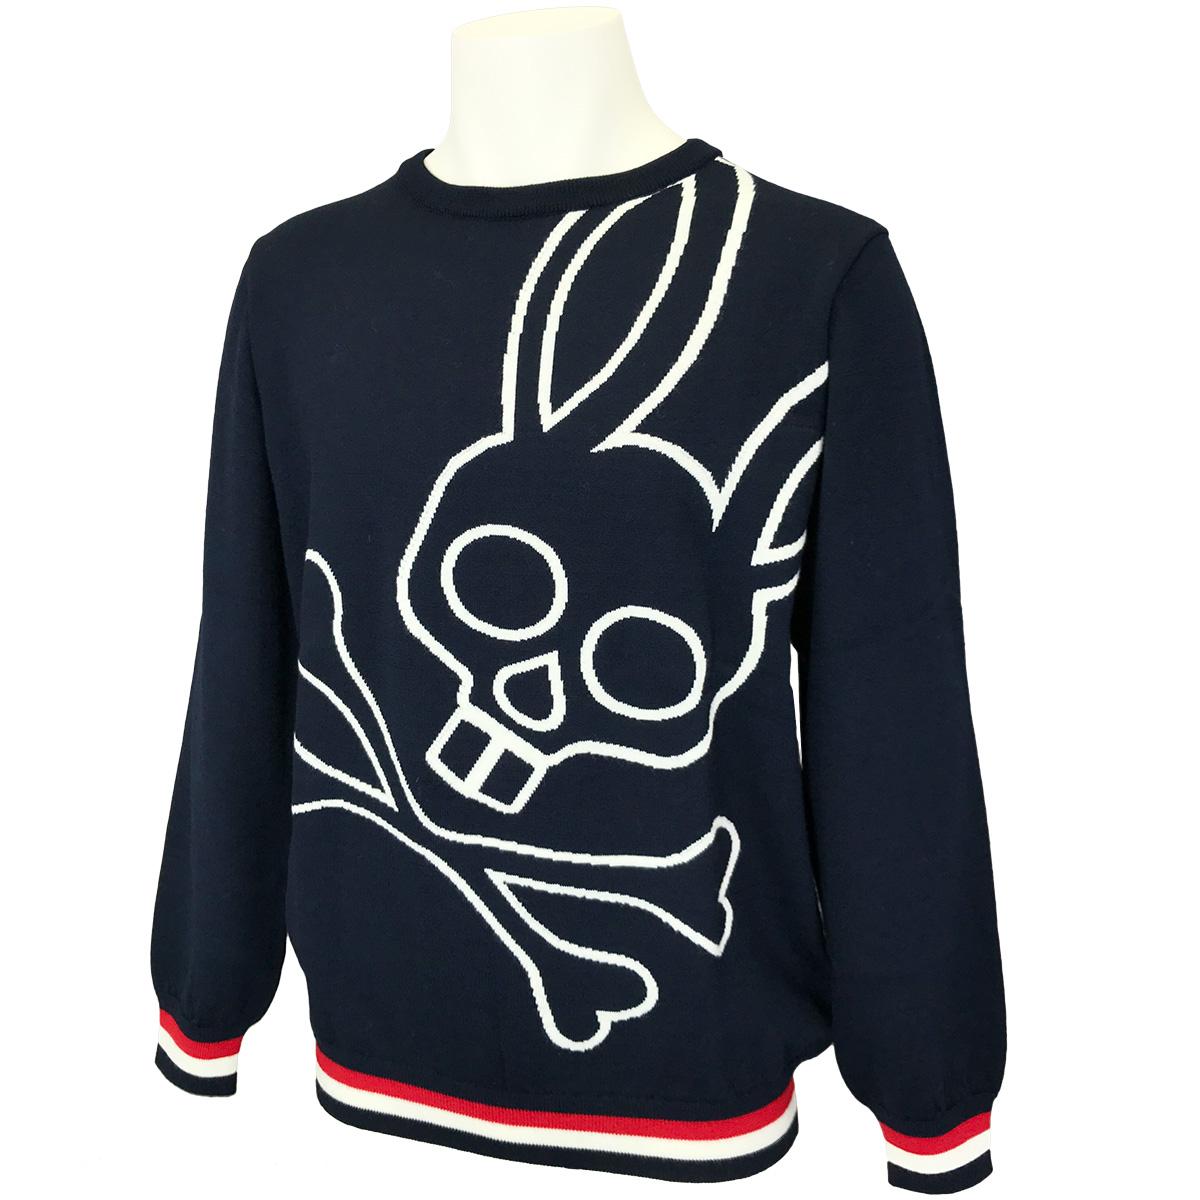 ビッグロゴ クルーネックセーター